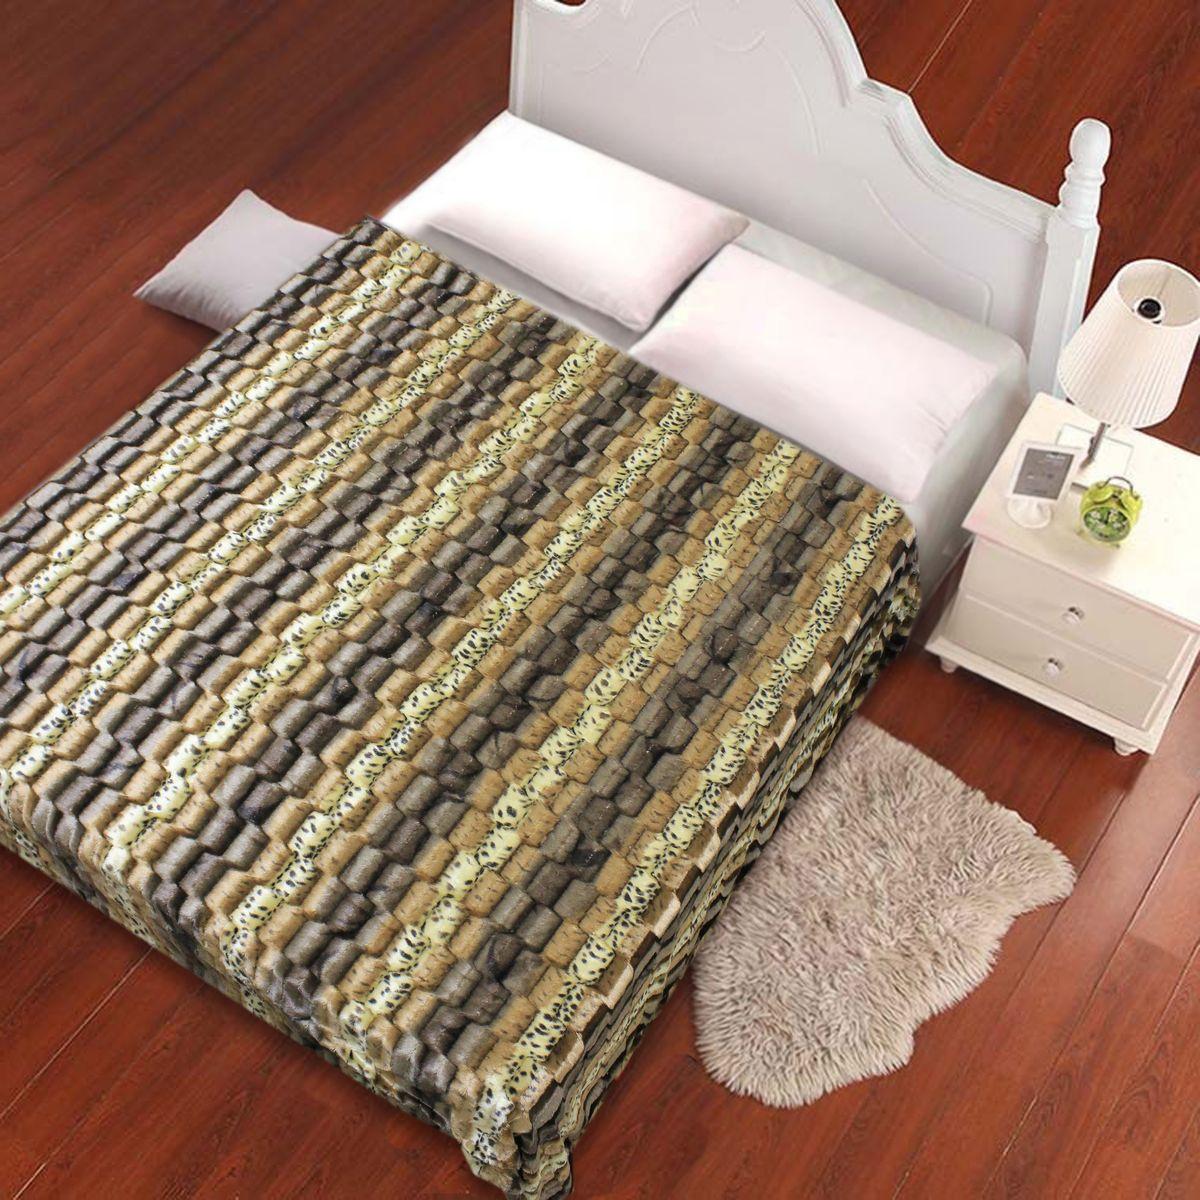 """Плед """"Buenas Noches"""" - идеальное решение для вашего интерьера! Станьте дизайнером и создайте свой стиль! Плед выполнен из 100% полиэстера - уникальная ткань, обладающая рядом неоспоримых  достоинств. Это материал синтетического происхождения из полиэфирных волокон.  Внешне такая ткань схожа с шерстью, а по свойствам близка к хлопку. Изделия из полиэстера - не мнутся и легко стираются. После стирки очень  быстро высыхают. Прочная ткань, за время использования не растягивается и не садится. Высокое качество, а главное - стиль пледа будут  радовать вас и вашу семью!"""